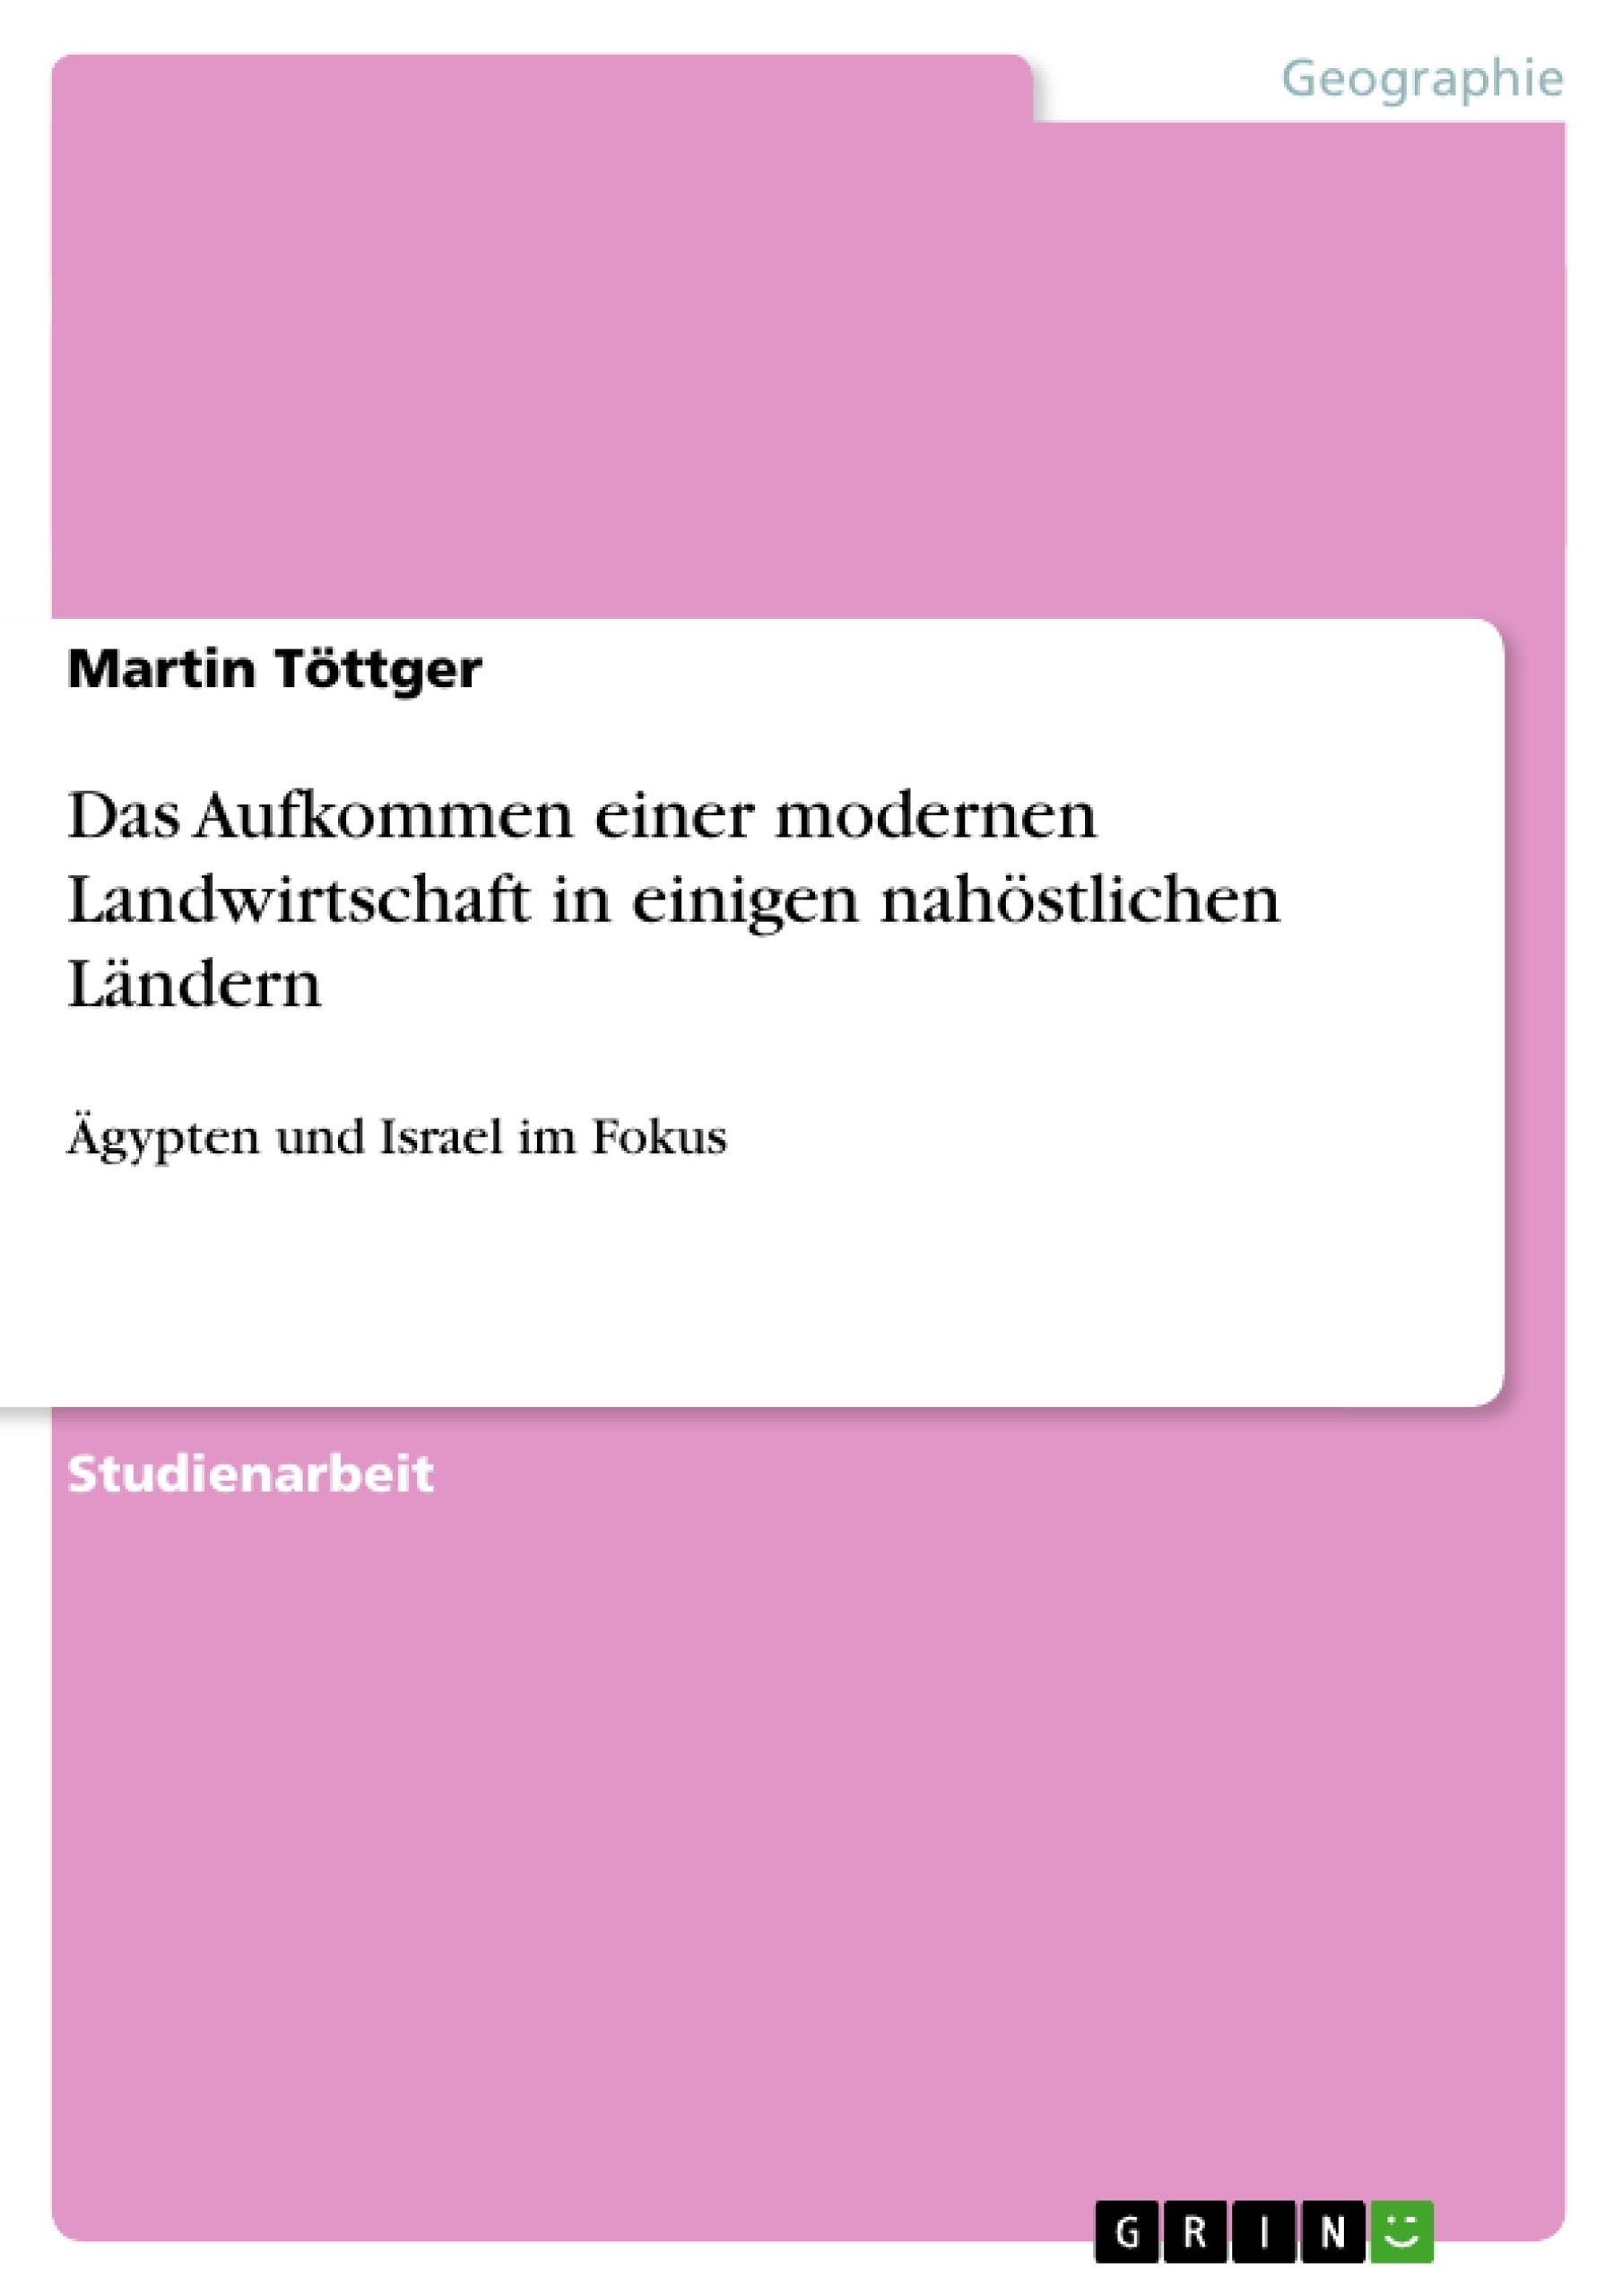 Titel: Das Aufkommen einer modernen Landwirtschaft in einigen nahöstlichen Ländern